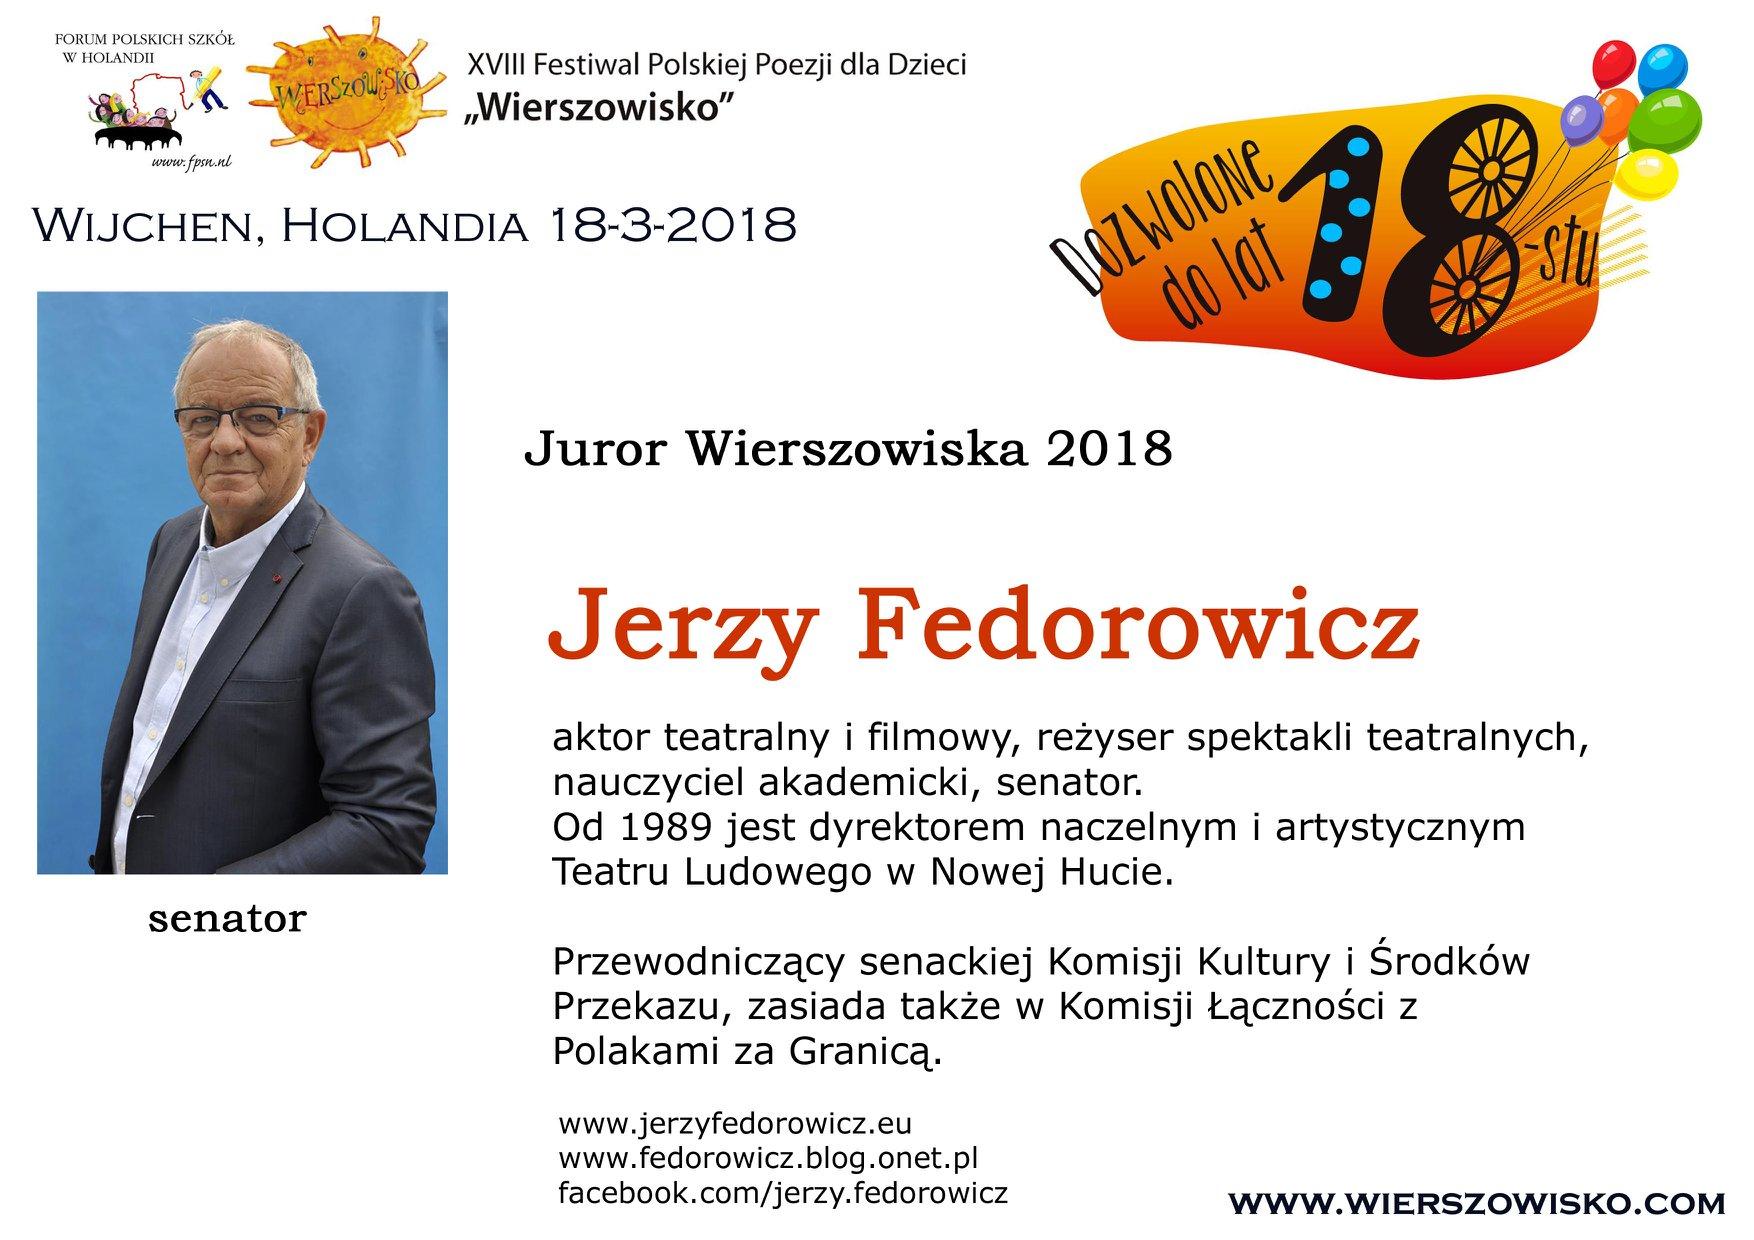 1. Jerzy Fedorowicz